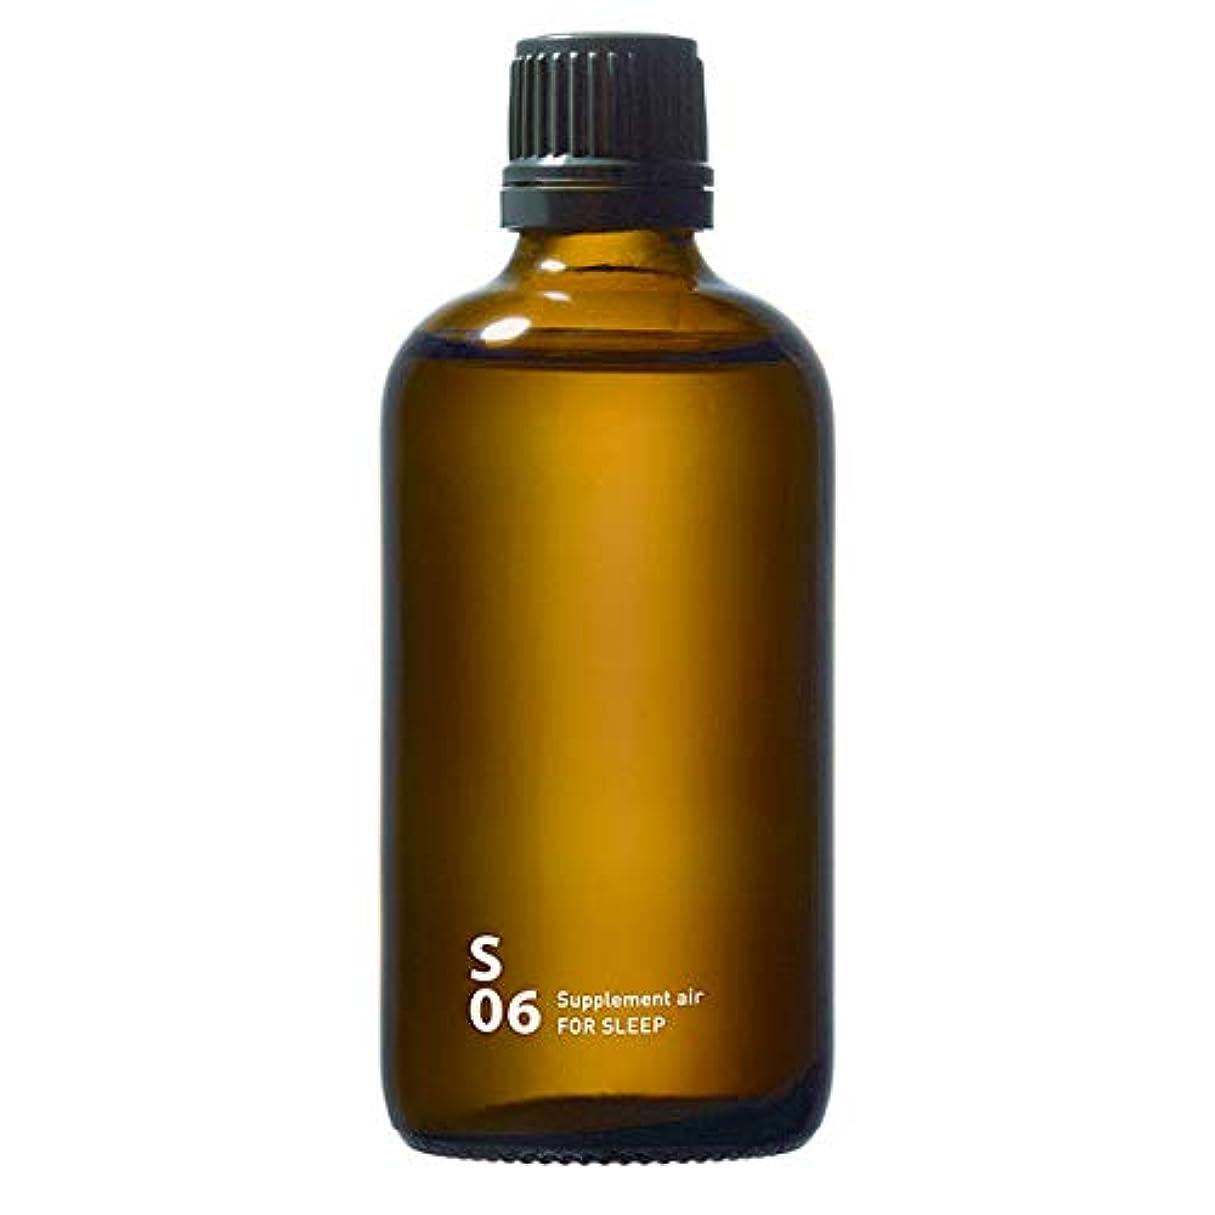 補助金マーチャンダイジング自分S06 FOR SLEEP piezo aroma oil 100ml